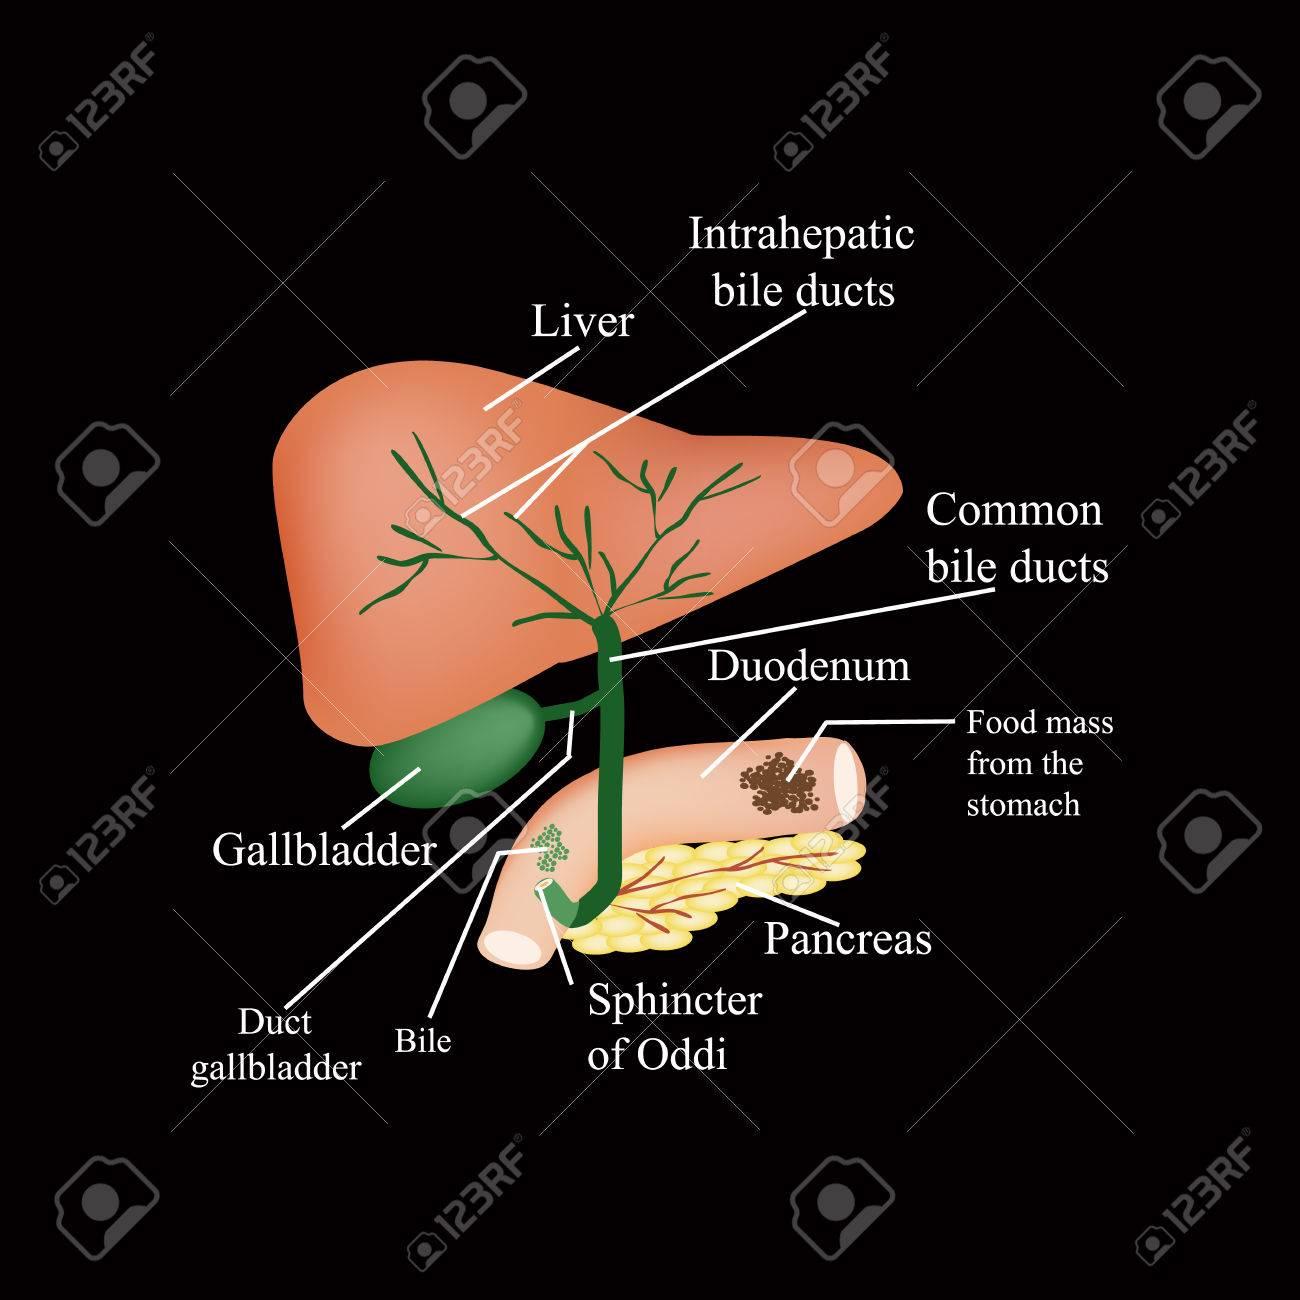 La Estructura Anatómica Del Hígado, La Vesícula Biliar, Los ...